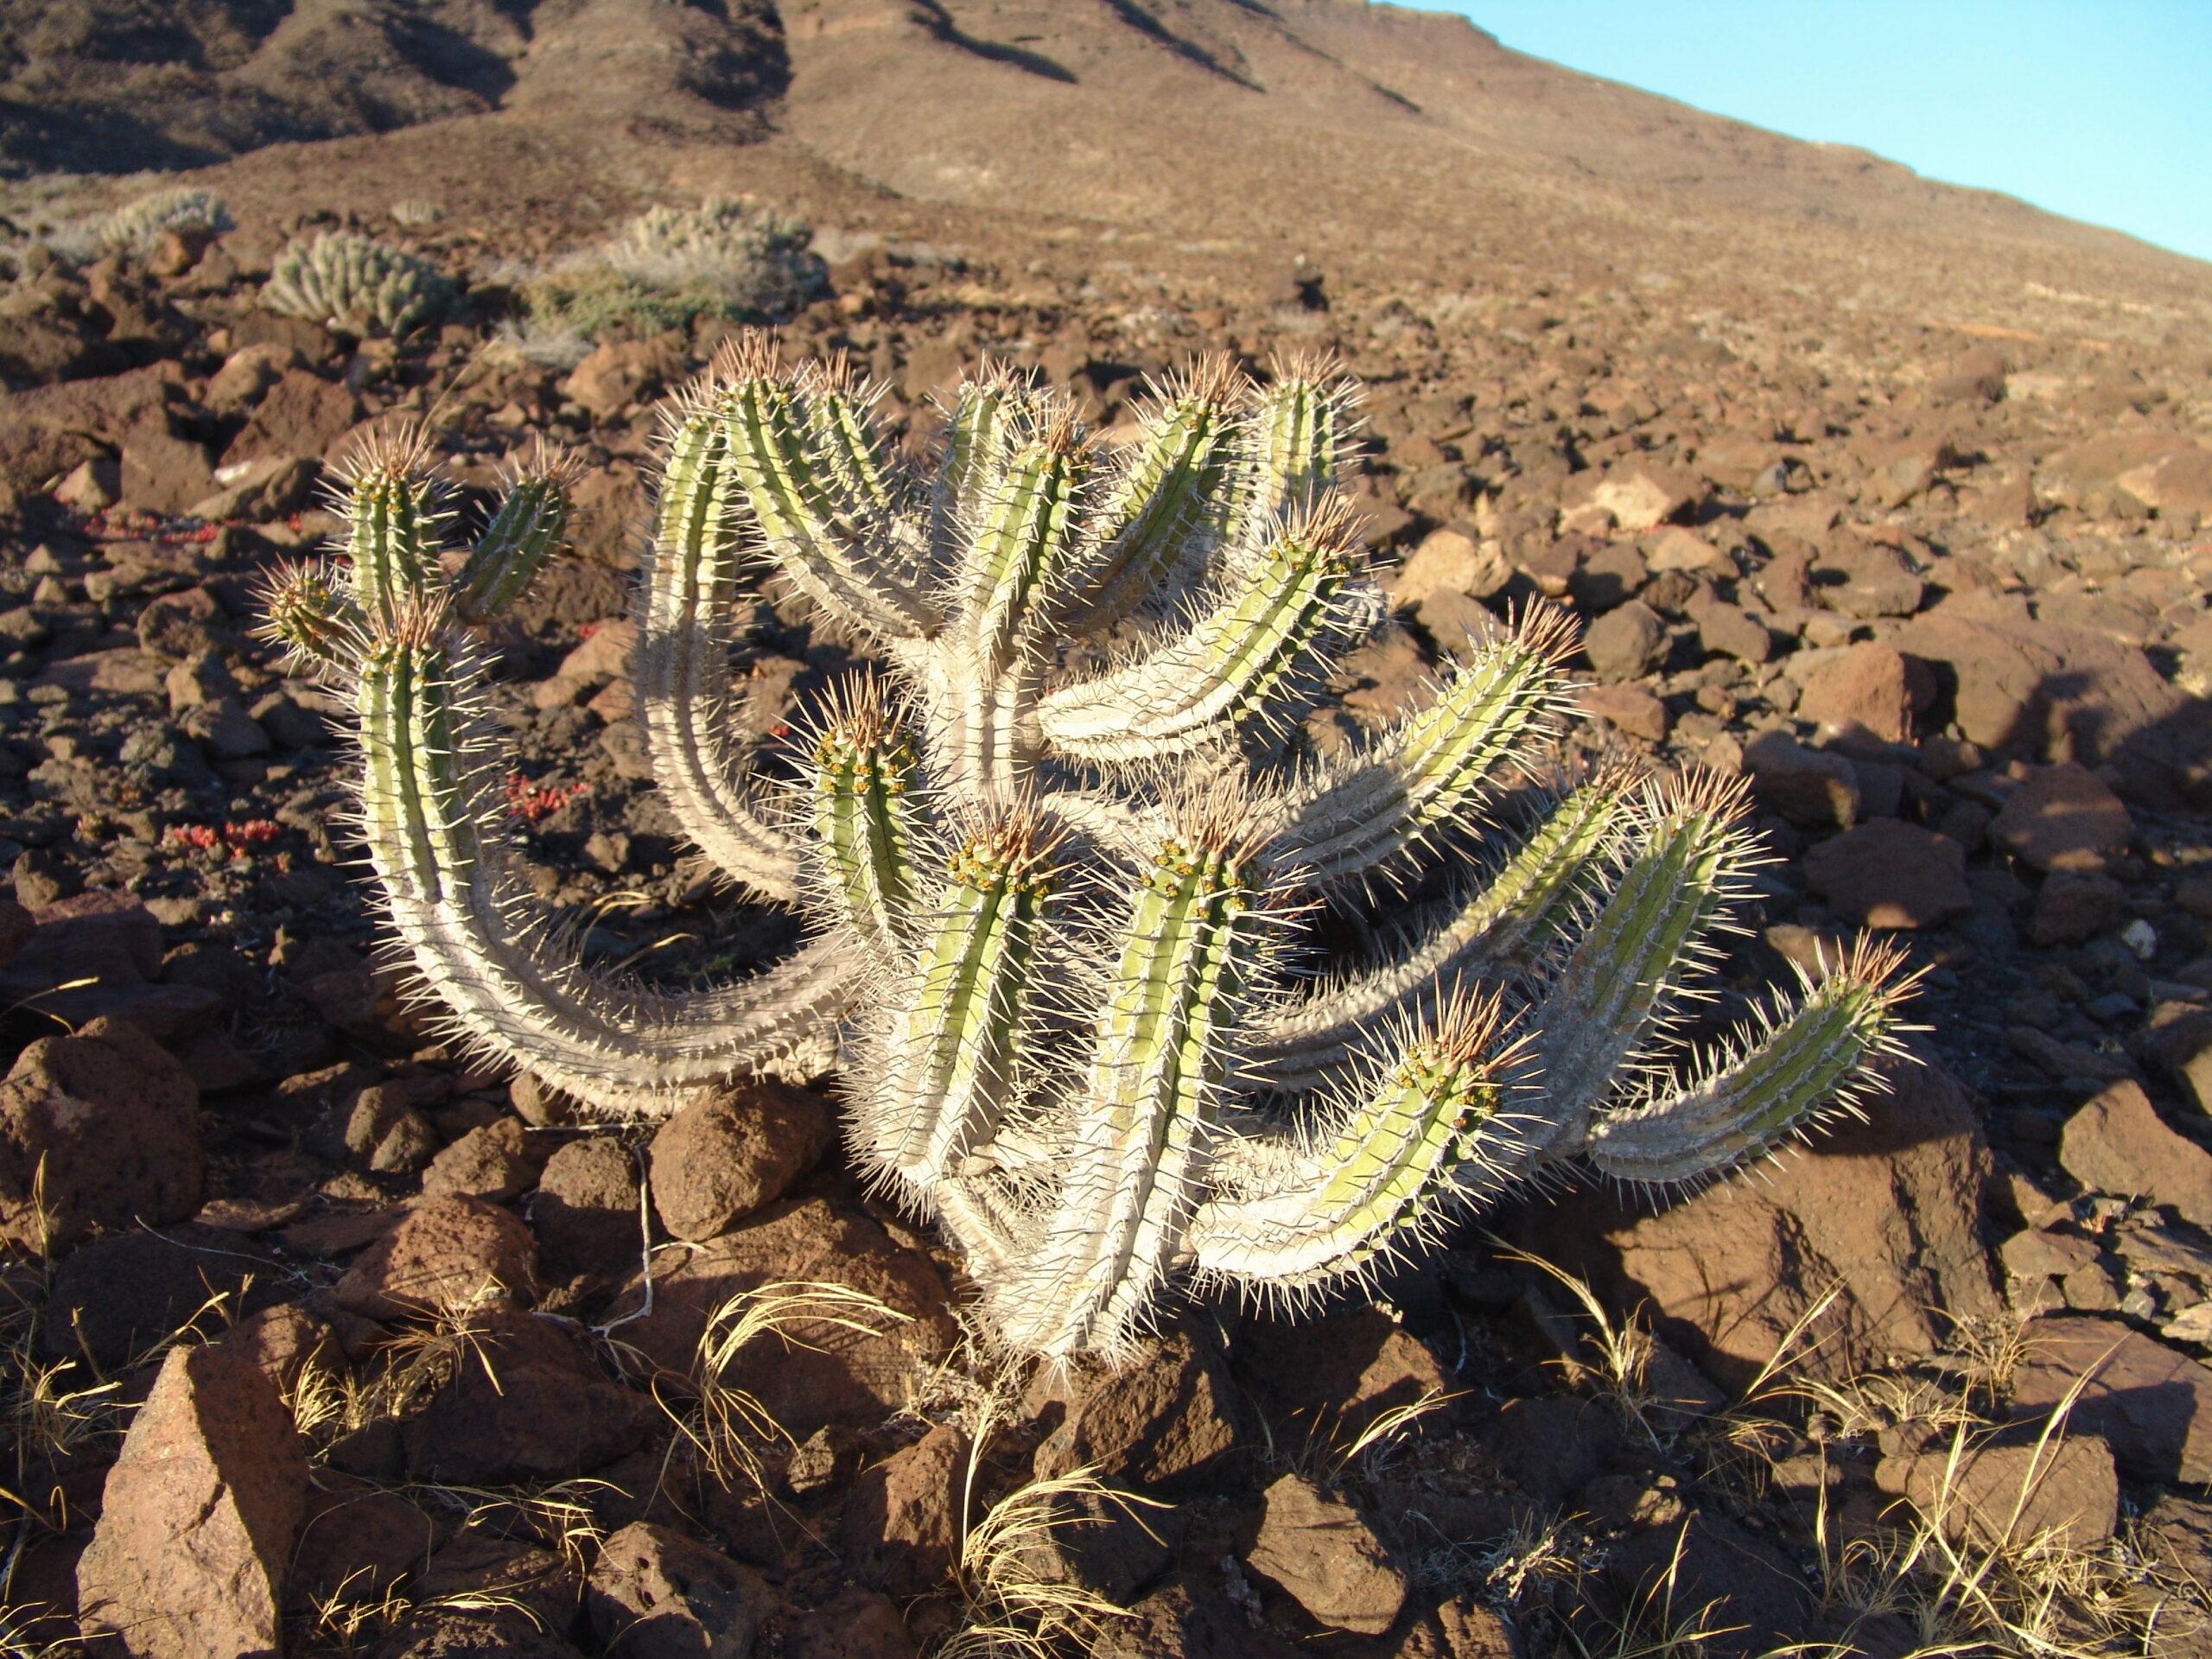 fuerteventurajunio2006-143-descripcion-2-scaled.jpg